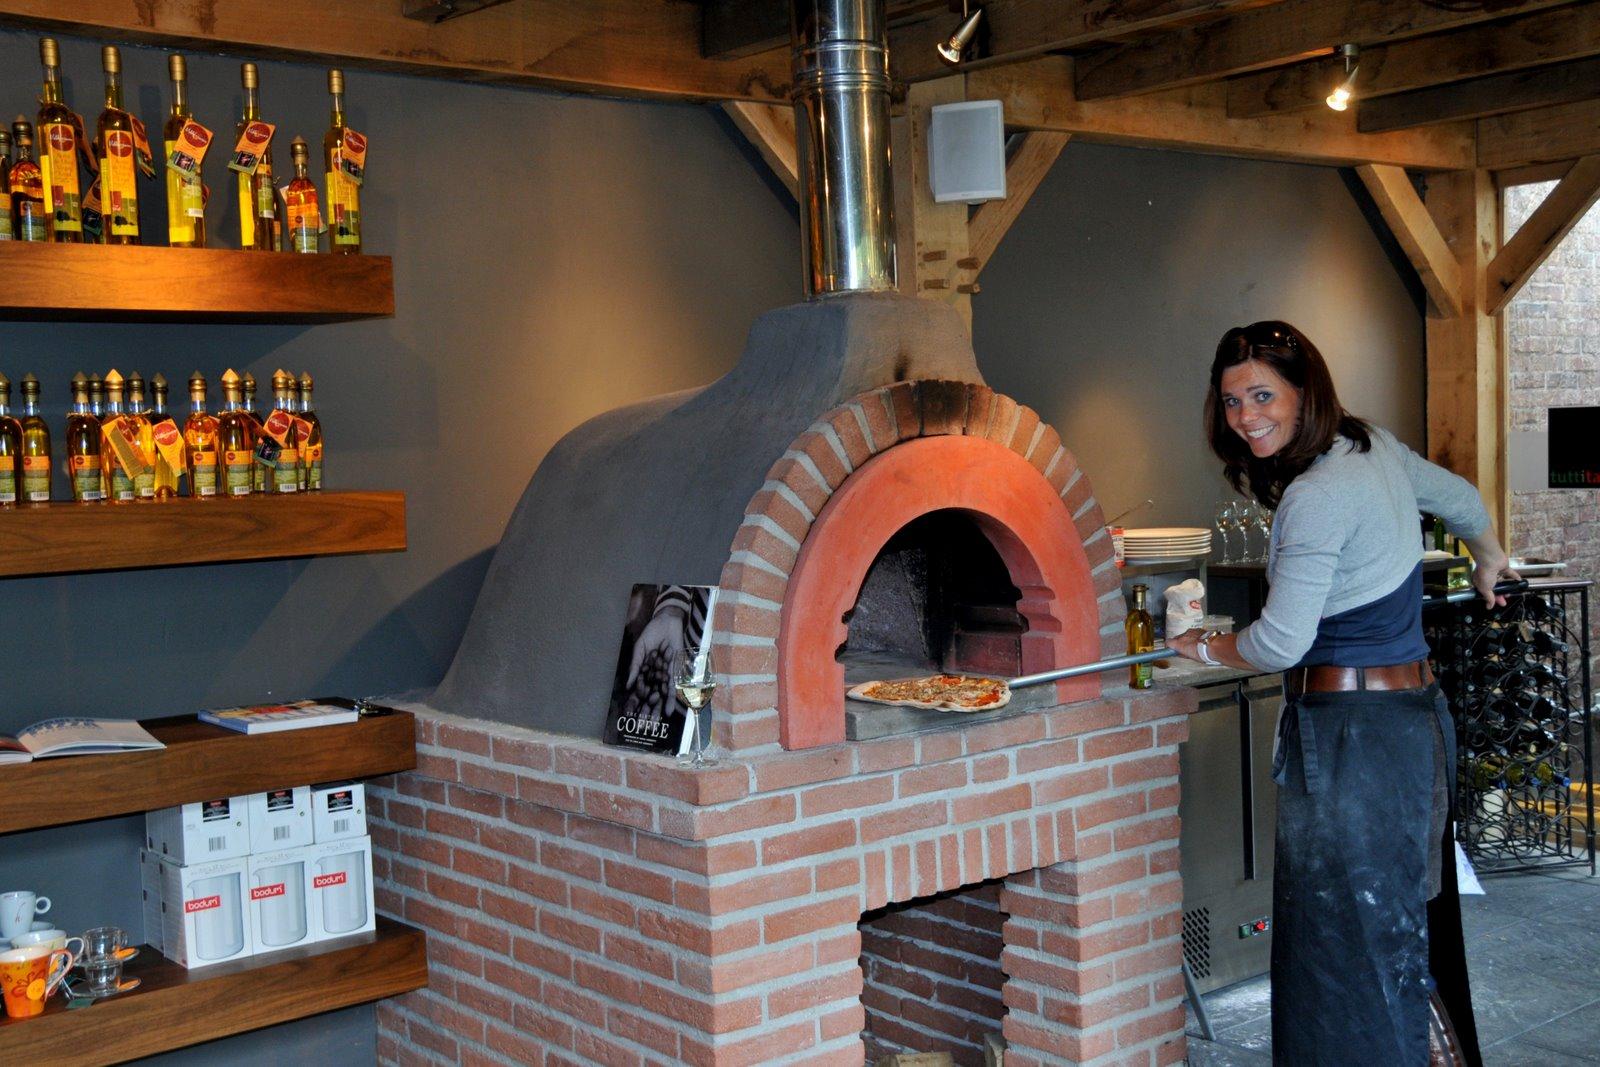 Forno a legna domestico vesuvio per pizza zio ciro forni - Temperatura forno a legna pizza ...